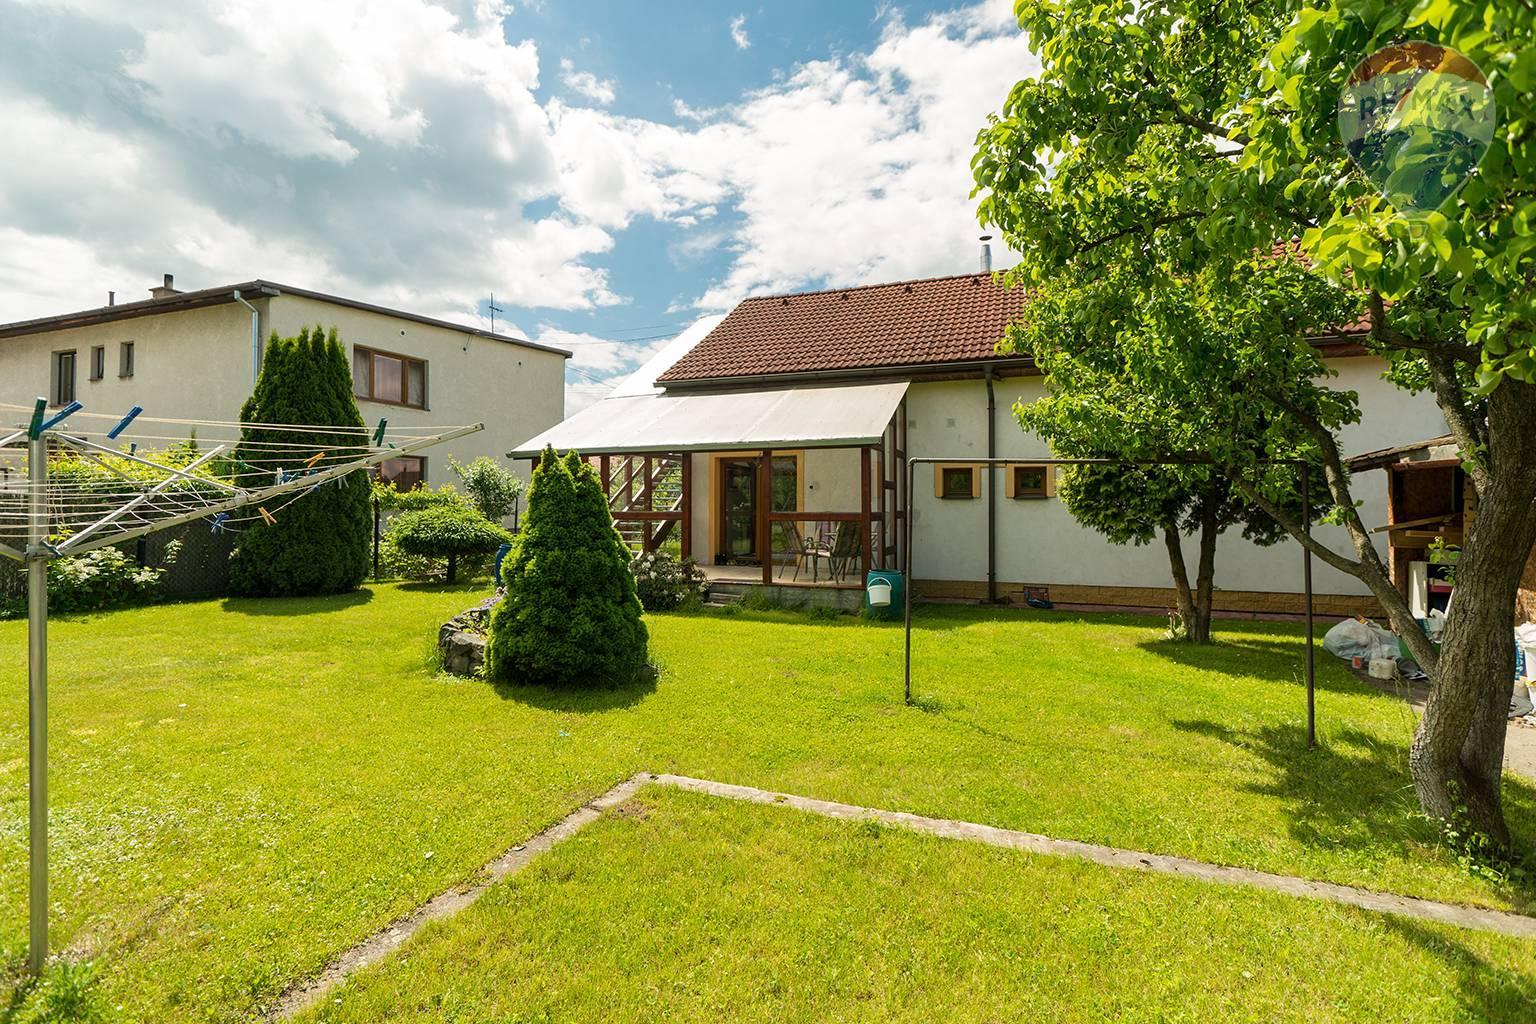 Predaj chaty 161 m2, Liptovský Mikuláš - záhrada